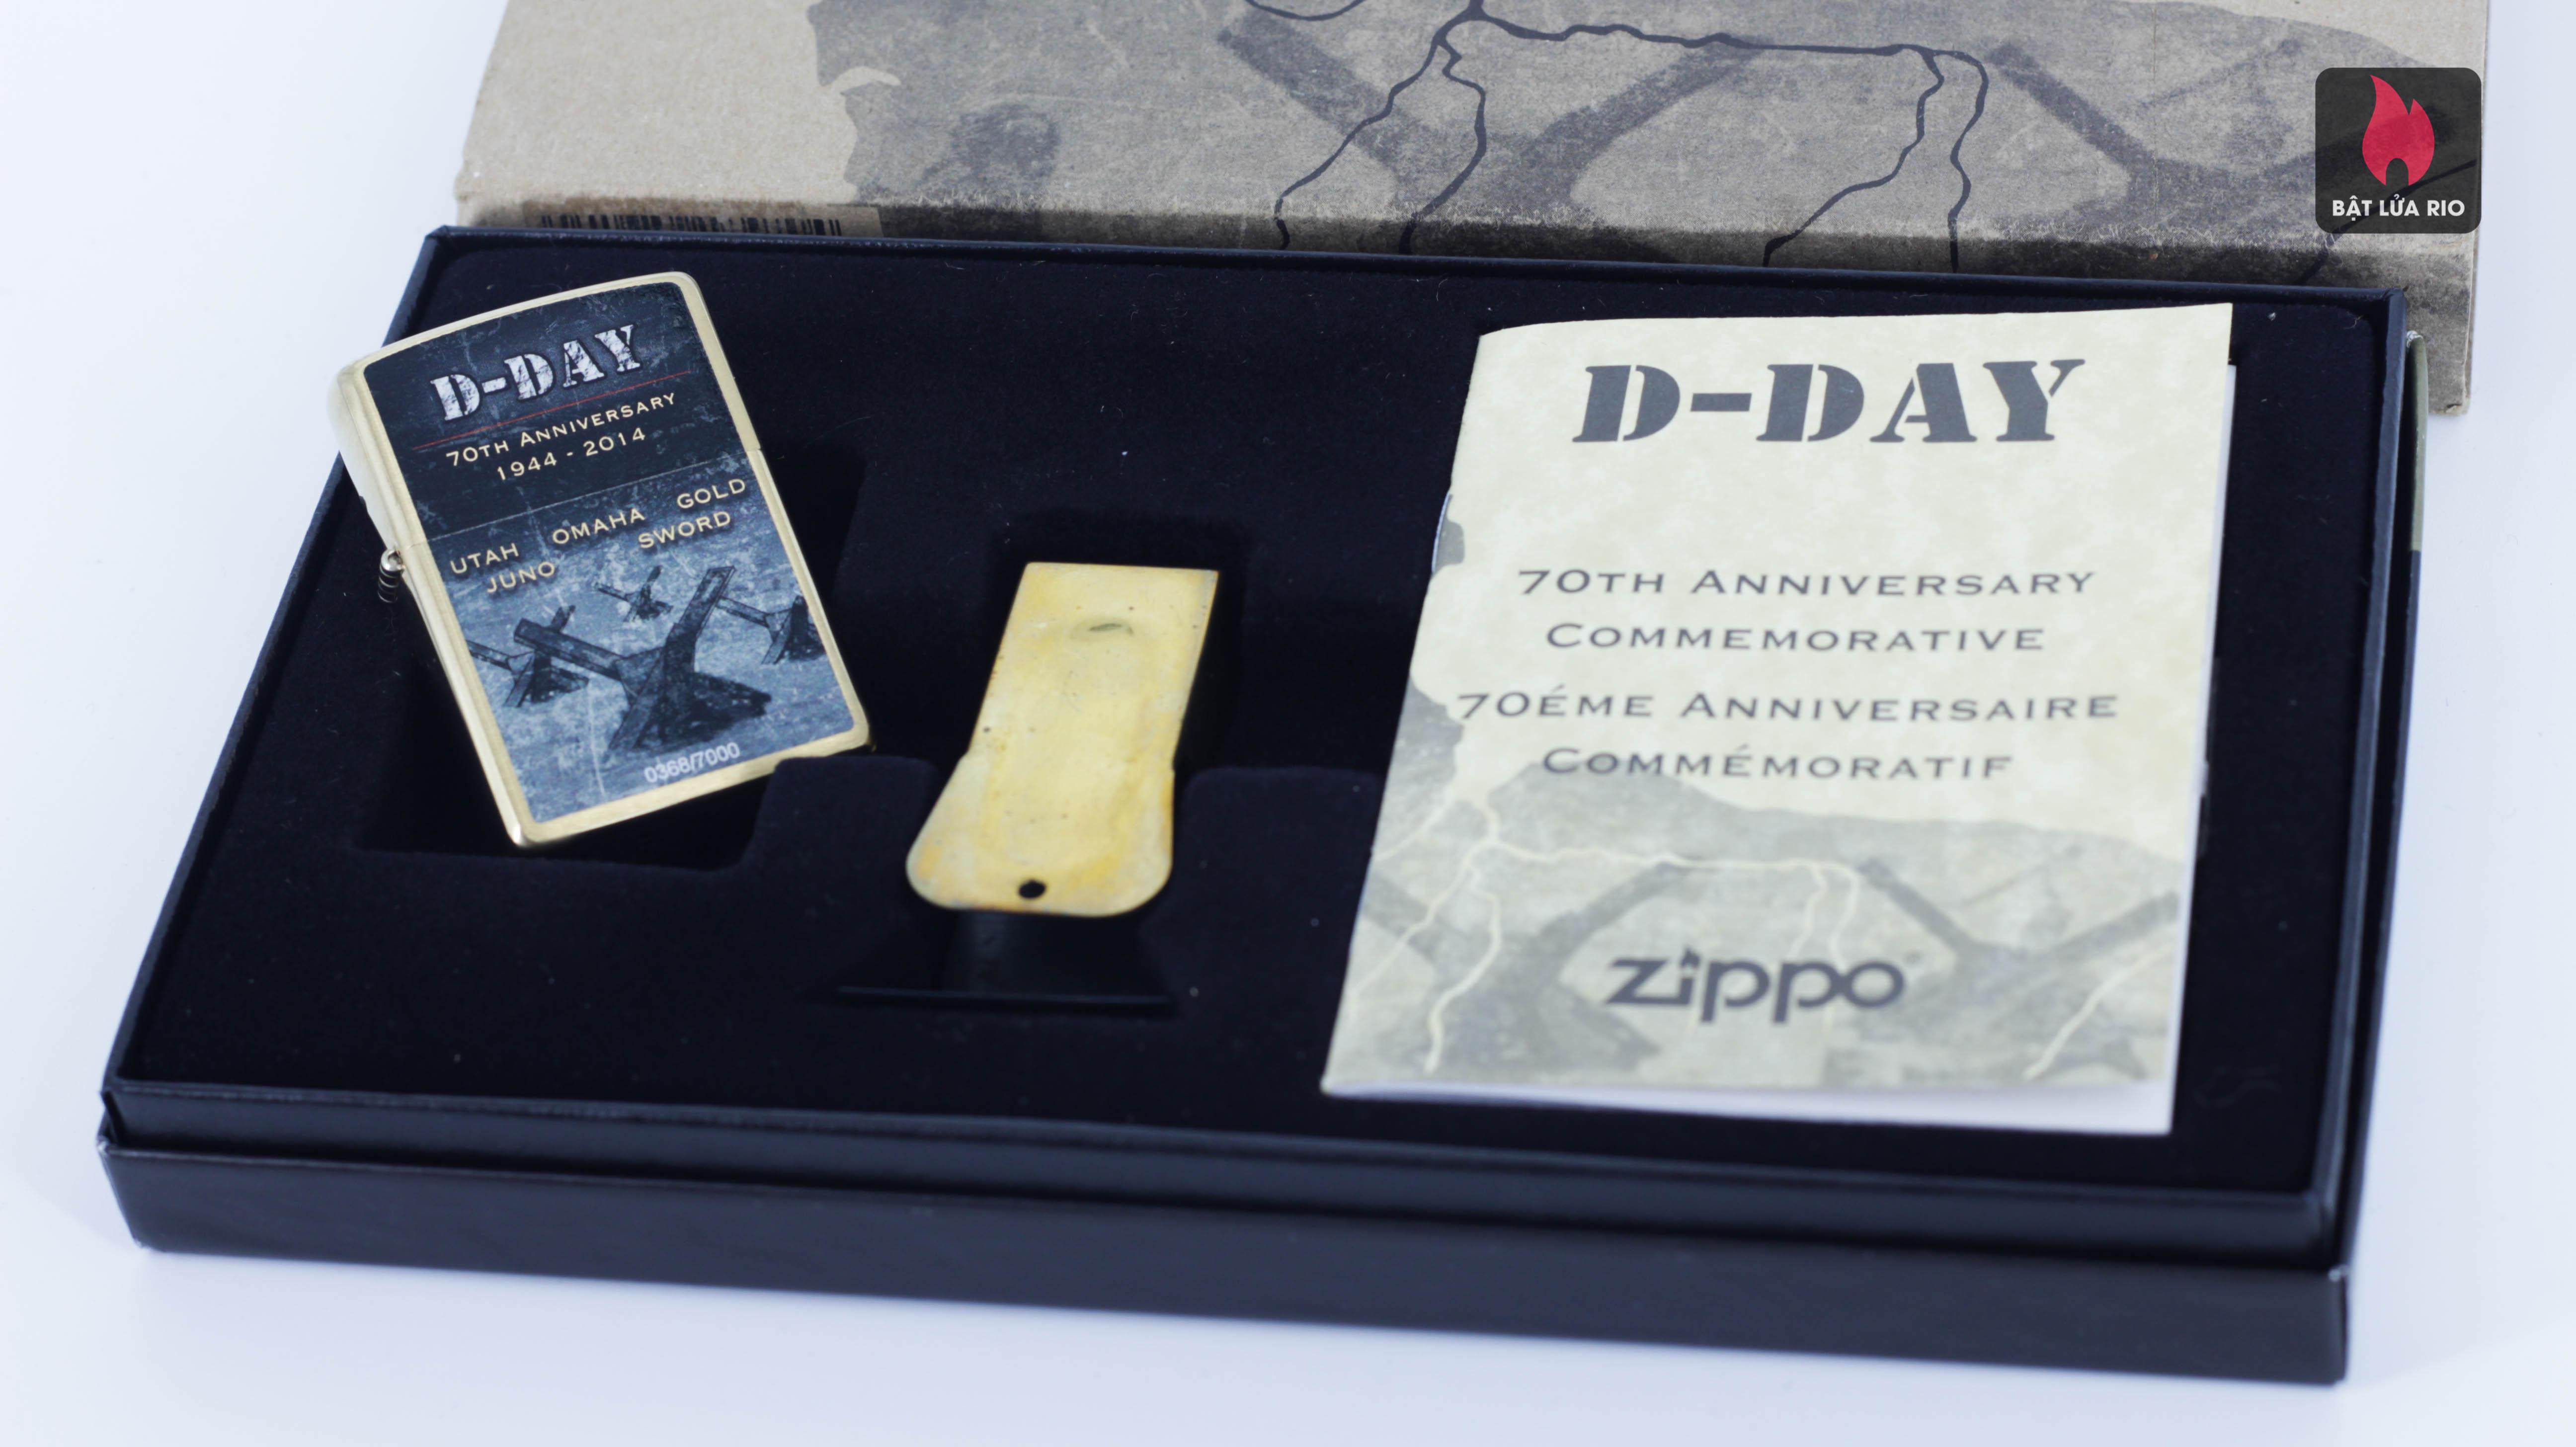 ZIPPO 2014 - D-DAY - 70TH ANNIVERSARY COMMEMORATIVE